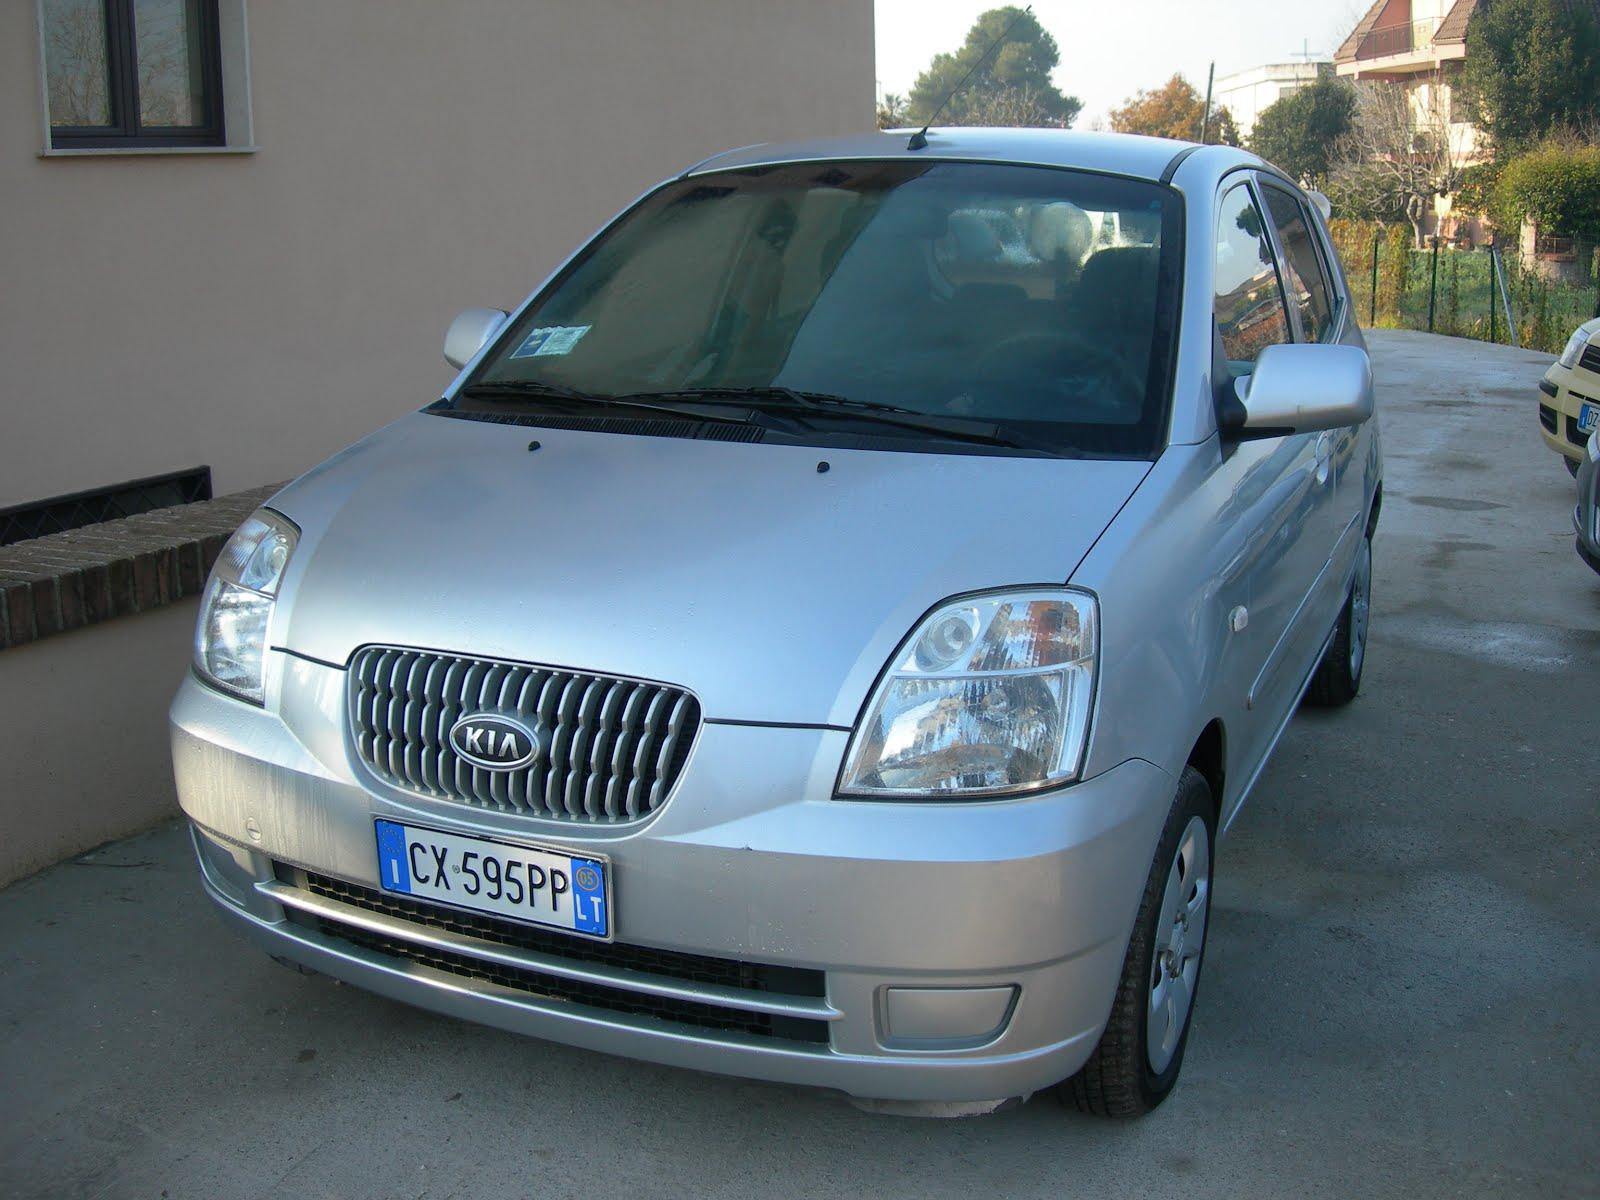 Kia Picanto 1.1 benzina anno 2005 accessoriata in ottime condizioni